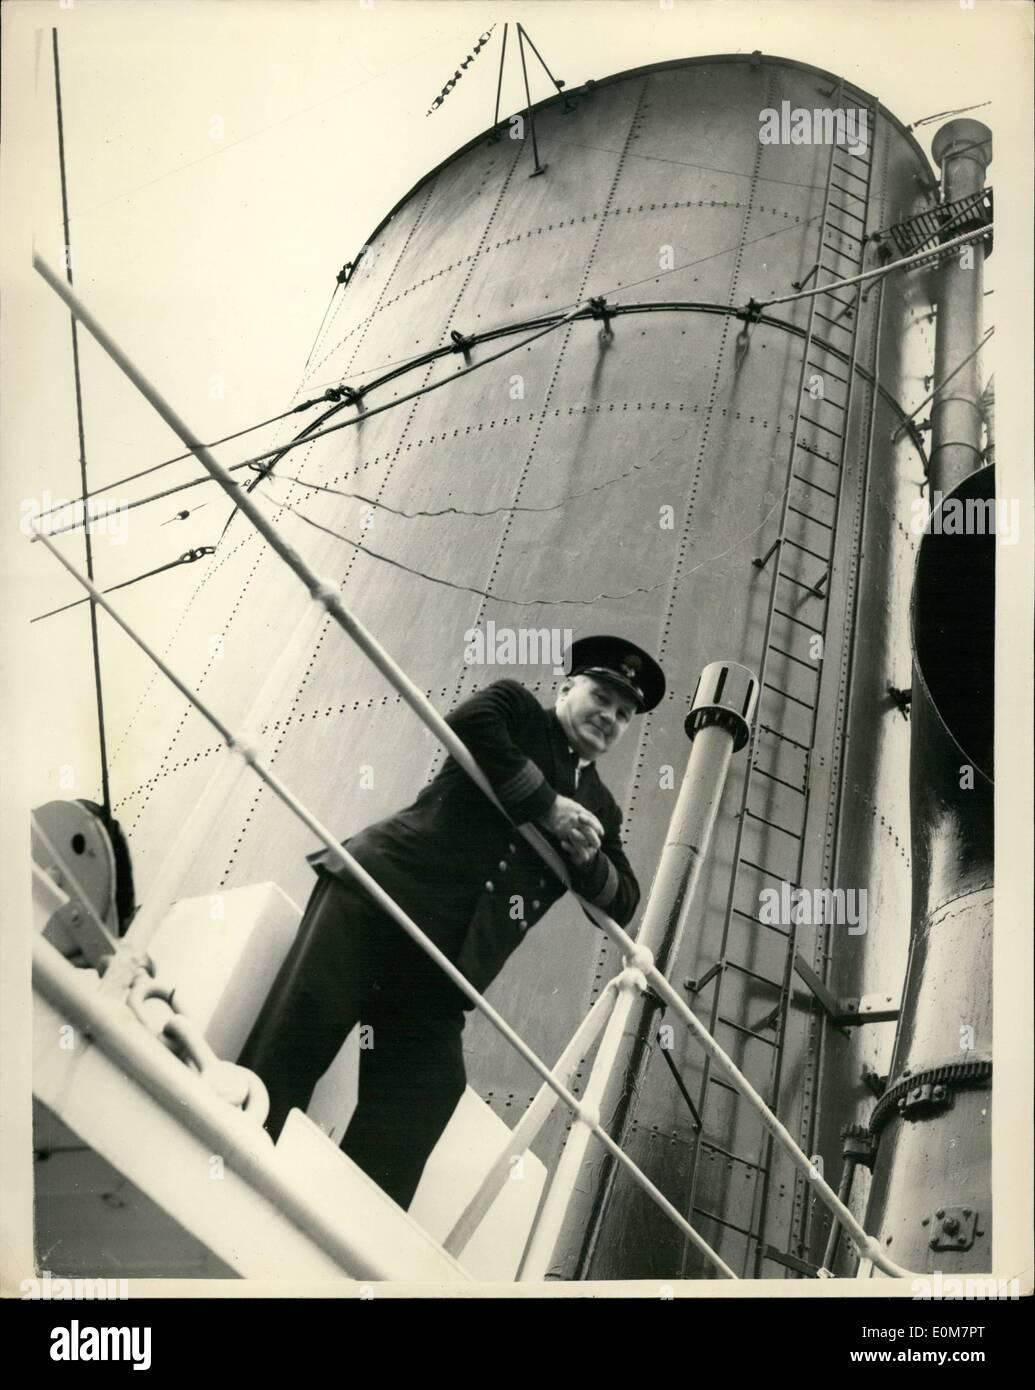 01 janv., 1954 - Navire de mille Romances'' rend dernier voyage: l'Australien surnommé son ''le navire d'un mille romances'' les gracieuses 21 000 tonnes de P et O Mooltan, Tilbury gauche aujourd'hui et son dernier voyage à l'brakers de la Clyde. La chemise a été mis en service entre Londres et l'Australie en 1923. Sur la photo, c'est aussi le dernier voyage pour Commedore Ingénieur en chef James Mitchell Andrews, qui s'est joint à l'aller il y a 30 ans pour son voyage inaugural vu à bord du paquebot à Tilbury aujourd'hui. Après 41 années en mer, 10 d'entre eux dans le Mooltan, M. Andrews prend sa retraite. Photo Stock